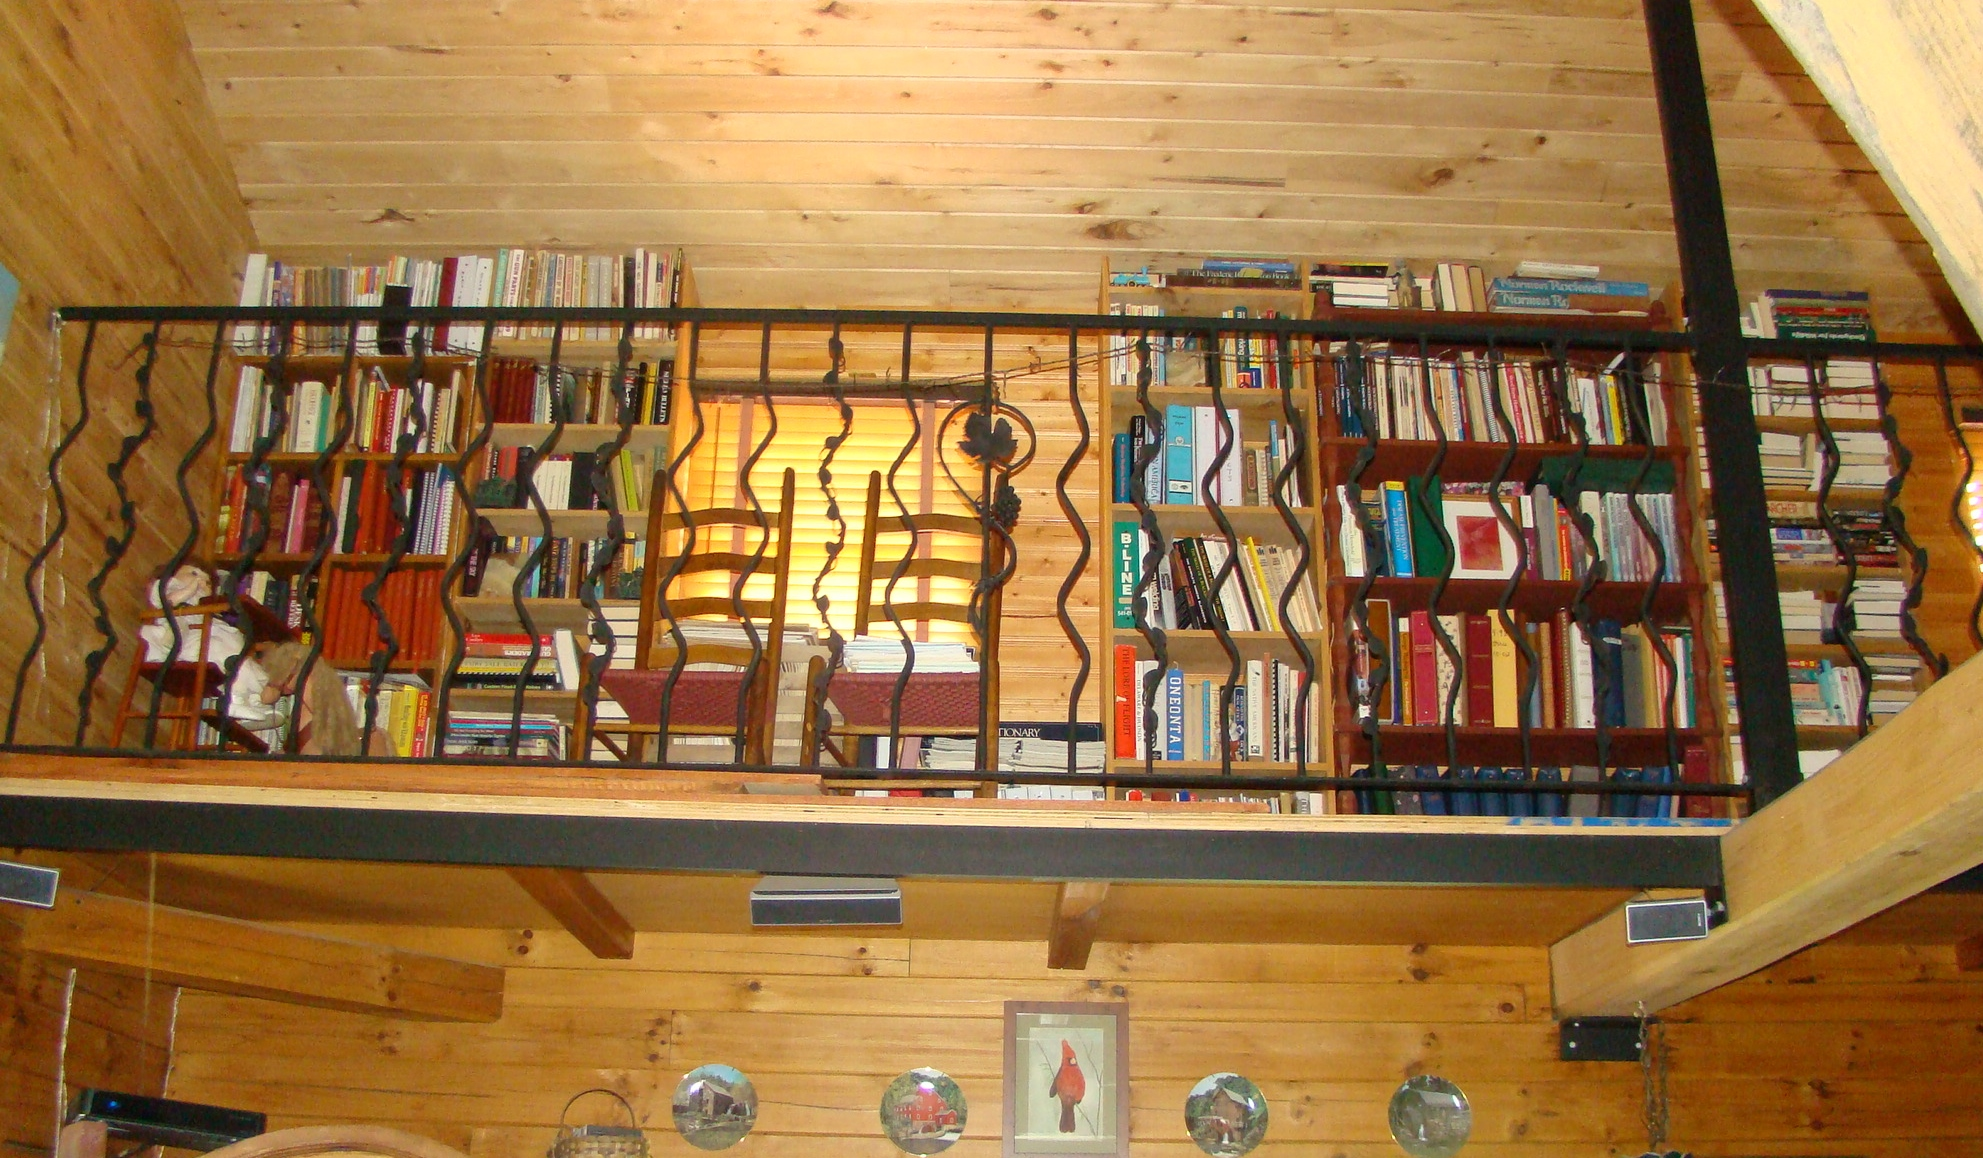 Jorgensen Library